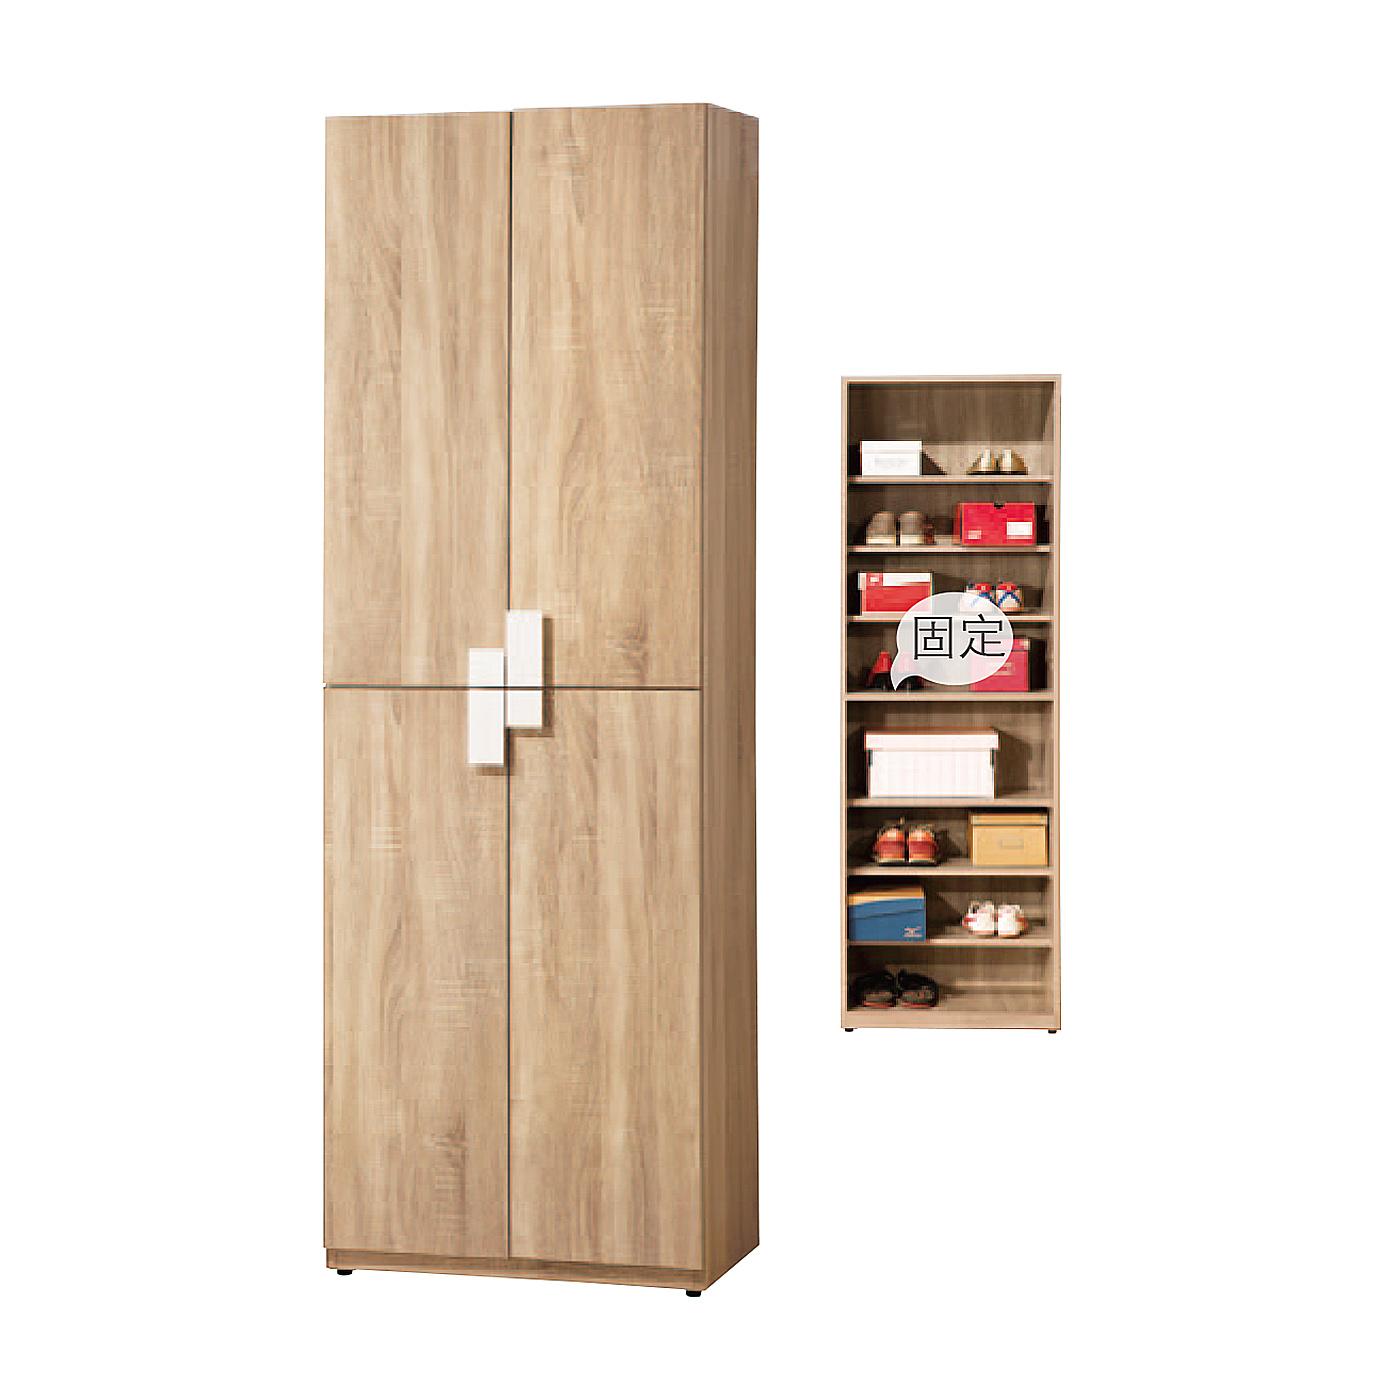 【森可家居】多莉絲2尺四門收納櫃 (單只-編號4) 6ZX767-5 客廳 鞋櫃 廚房餐櫃 木紋質感 北歐 無印風